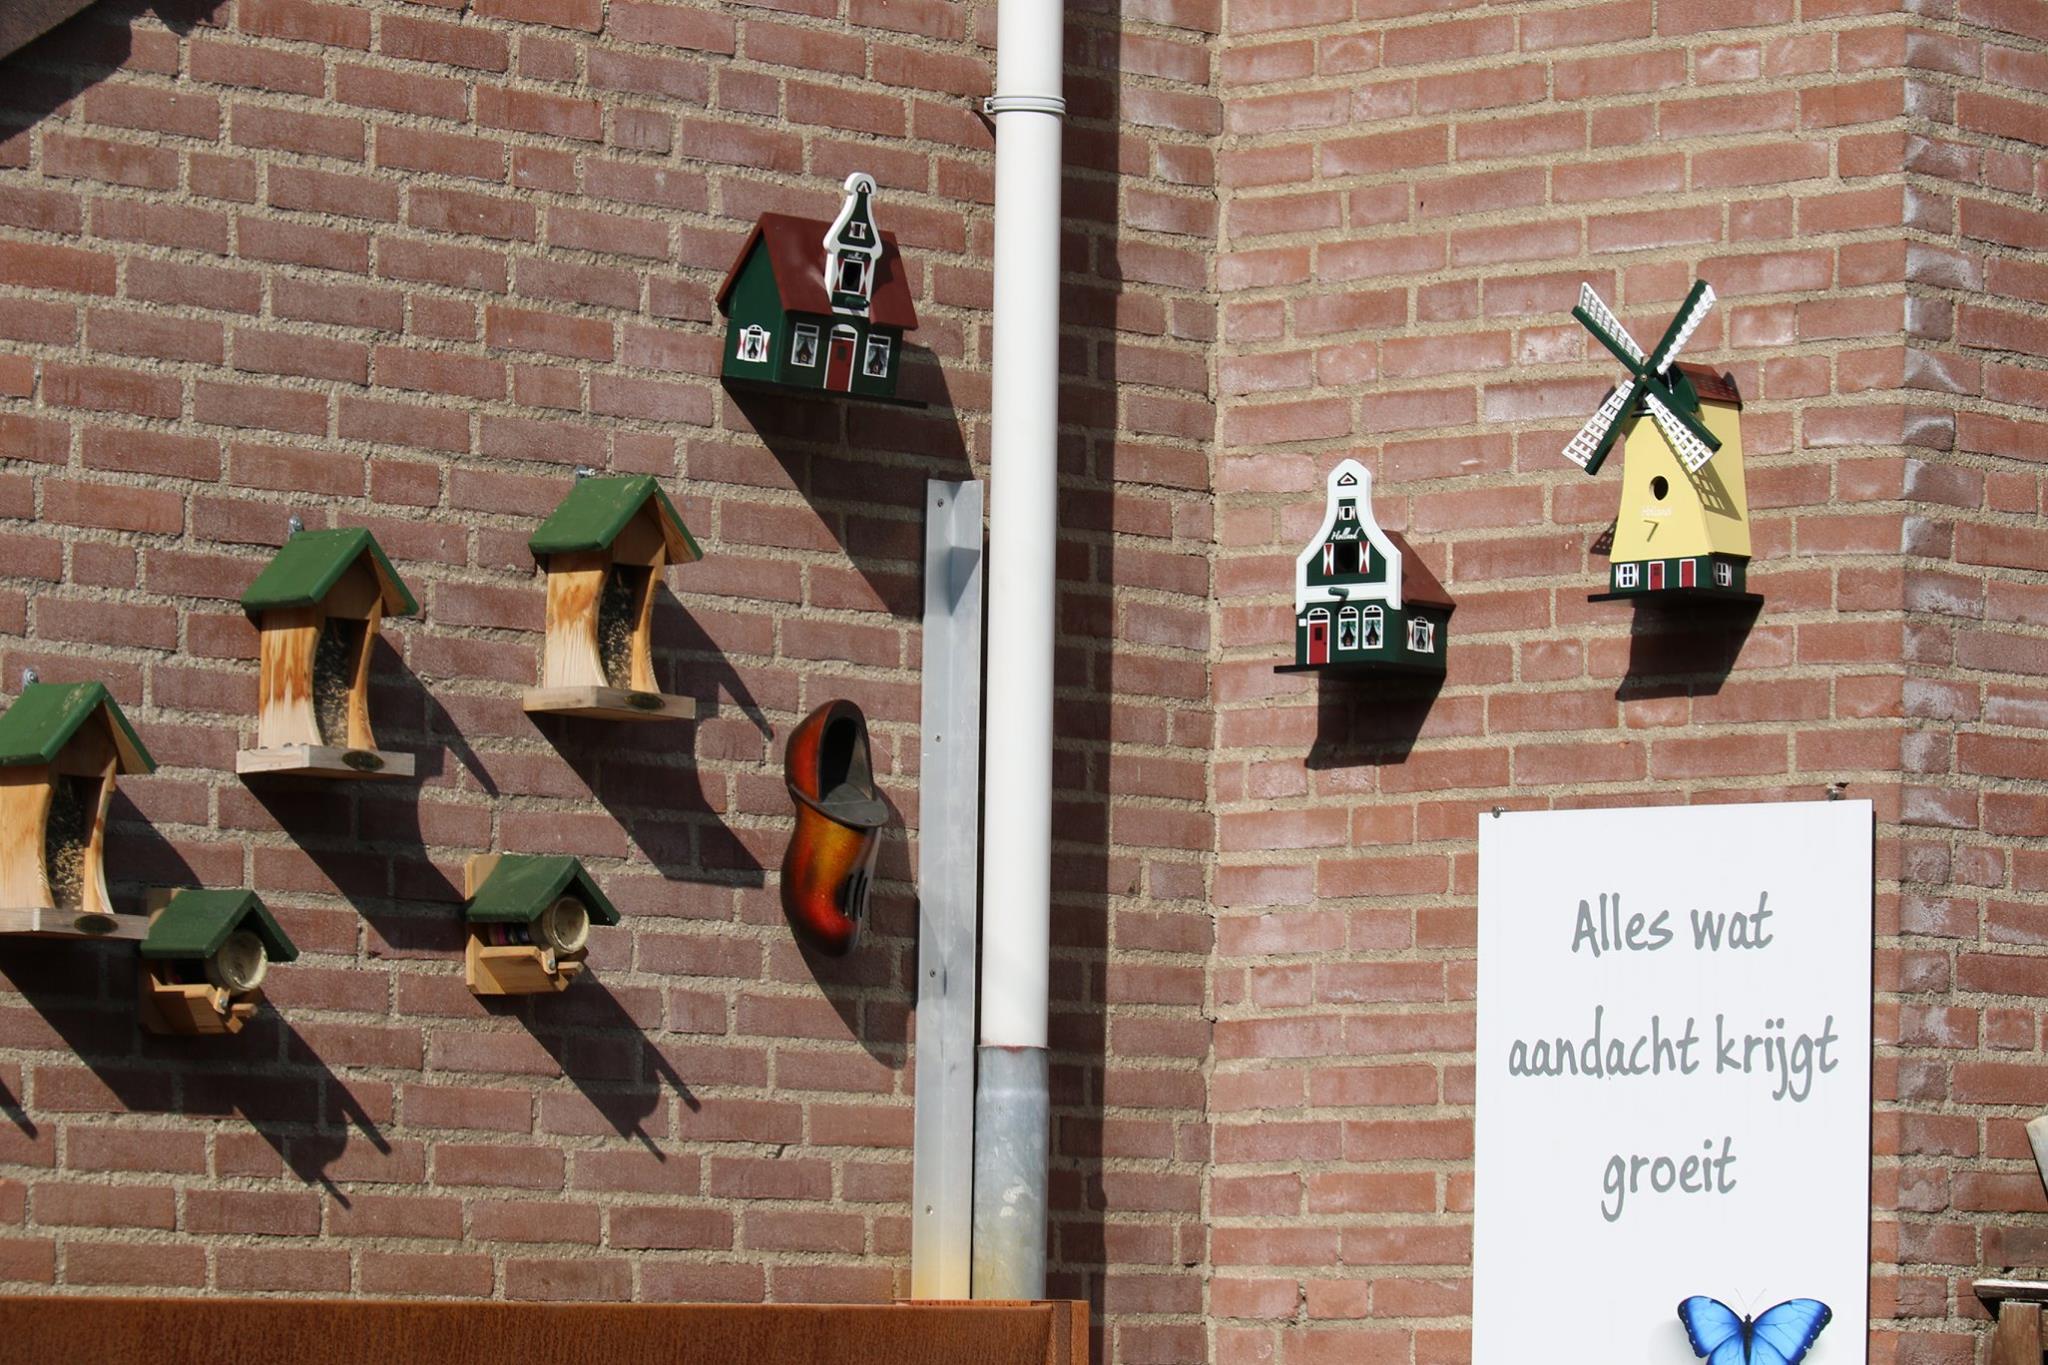 Vogelhuisjes in de openbare ruimte